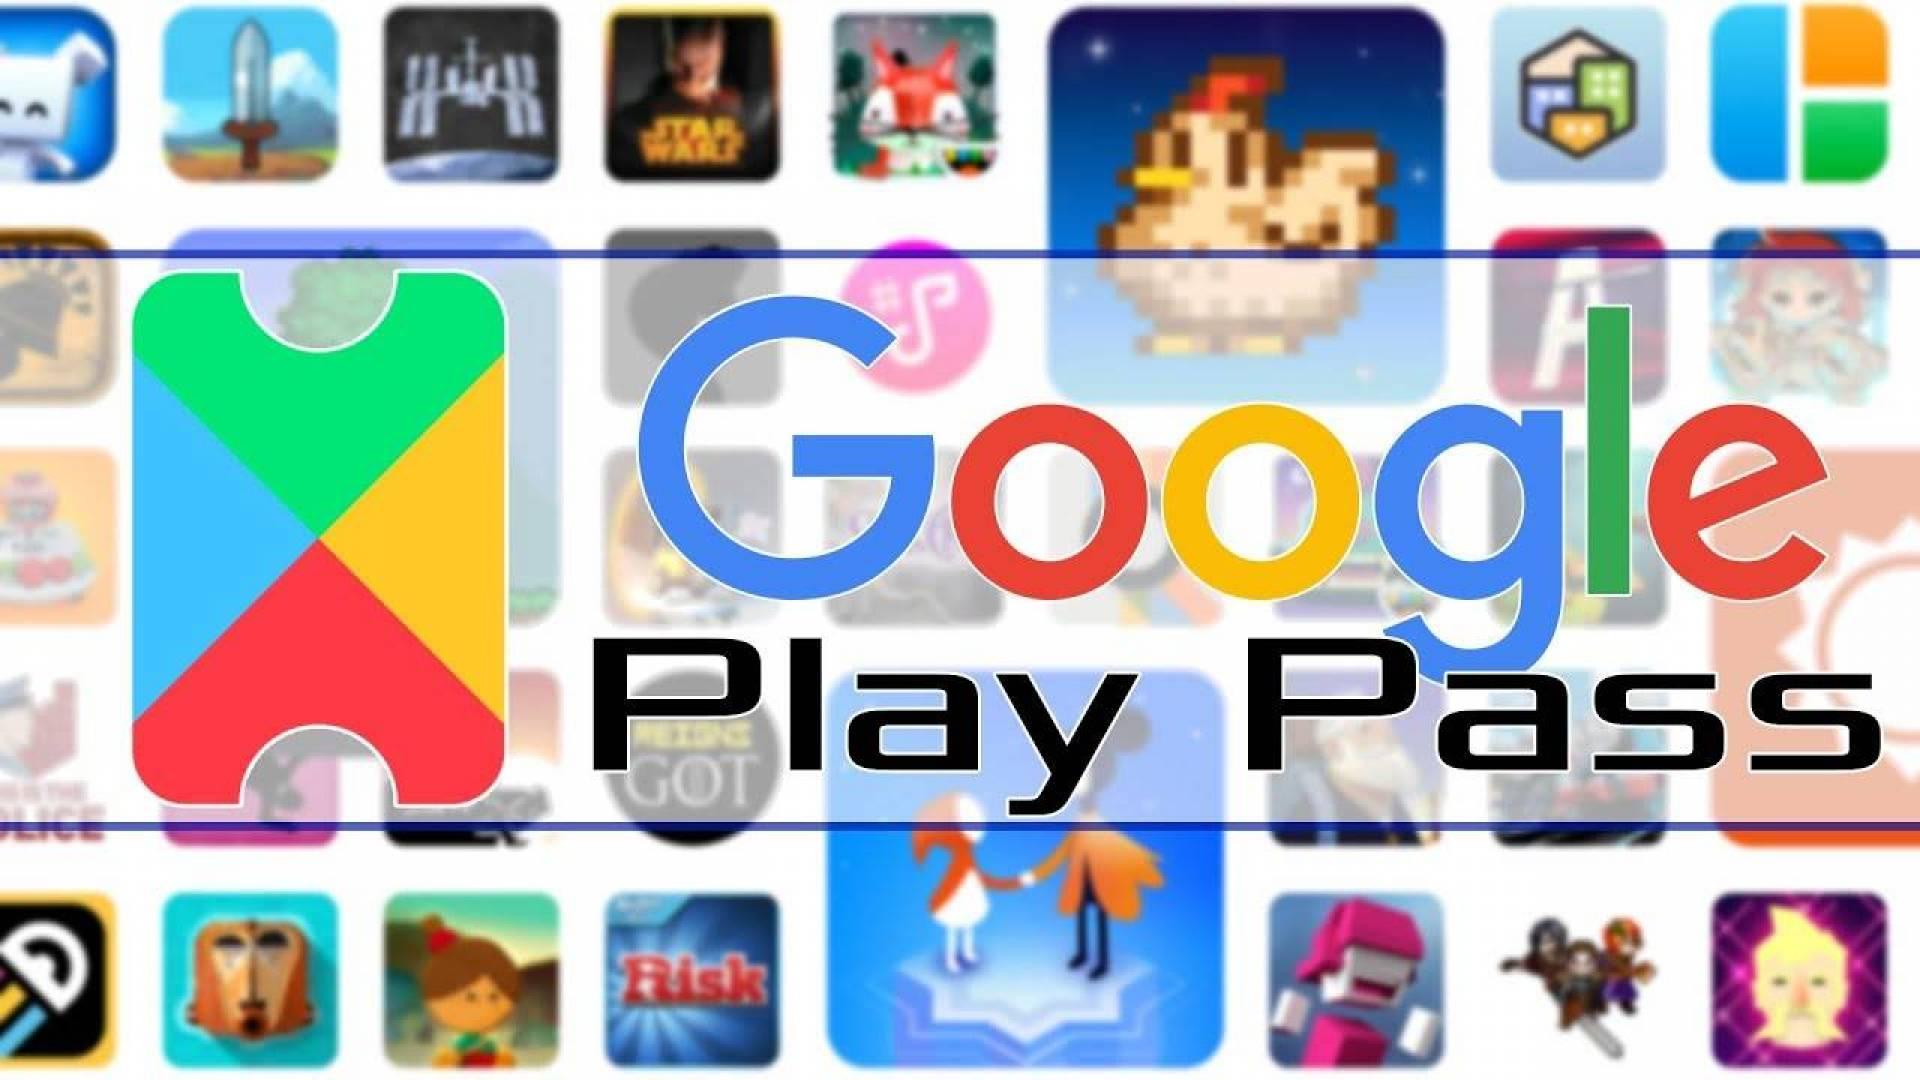 غوغل تطلق خدمة «Play Pass» للاشتراك بالتطبيقات والألعاب